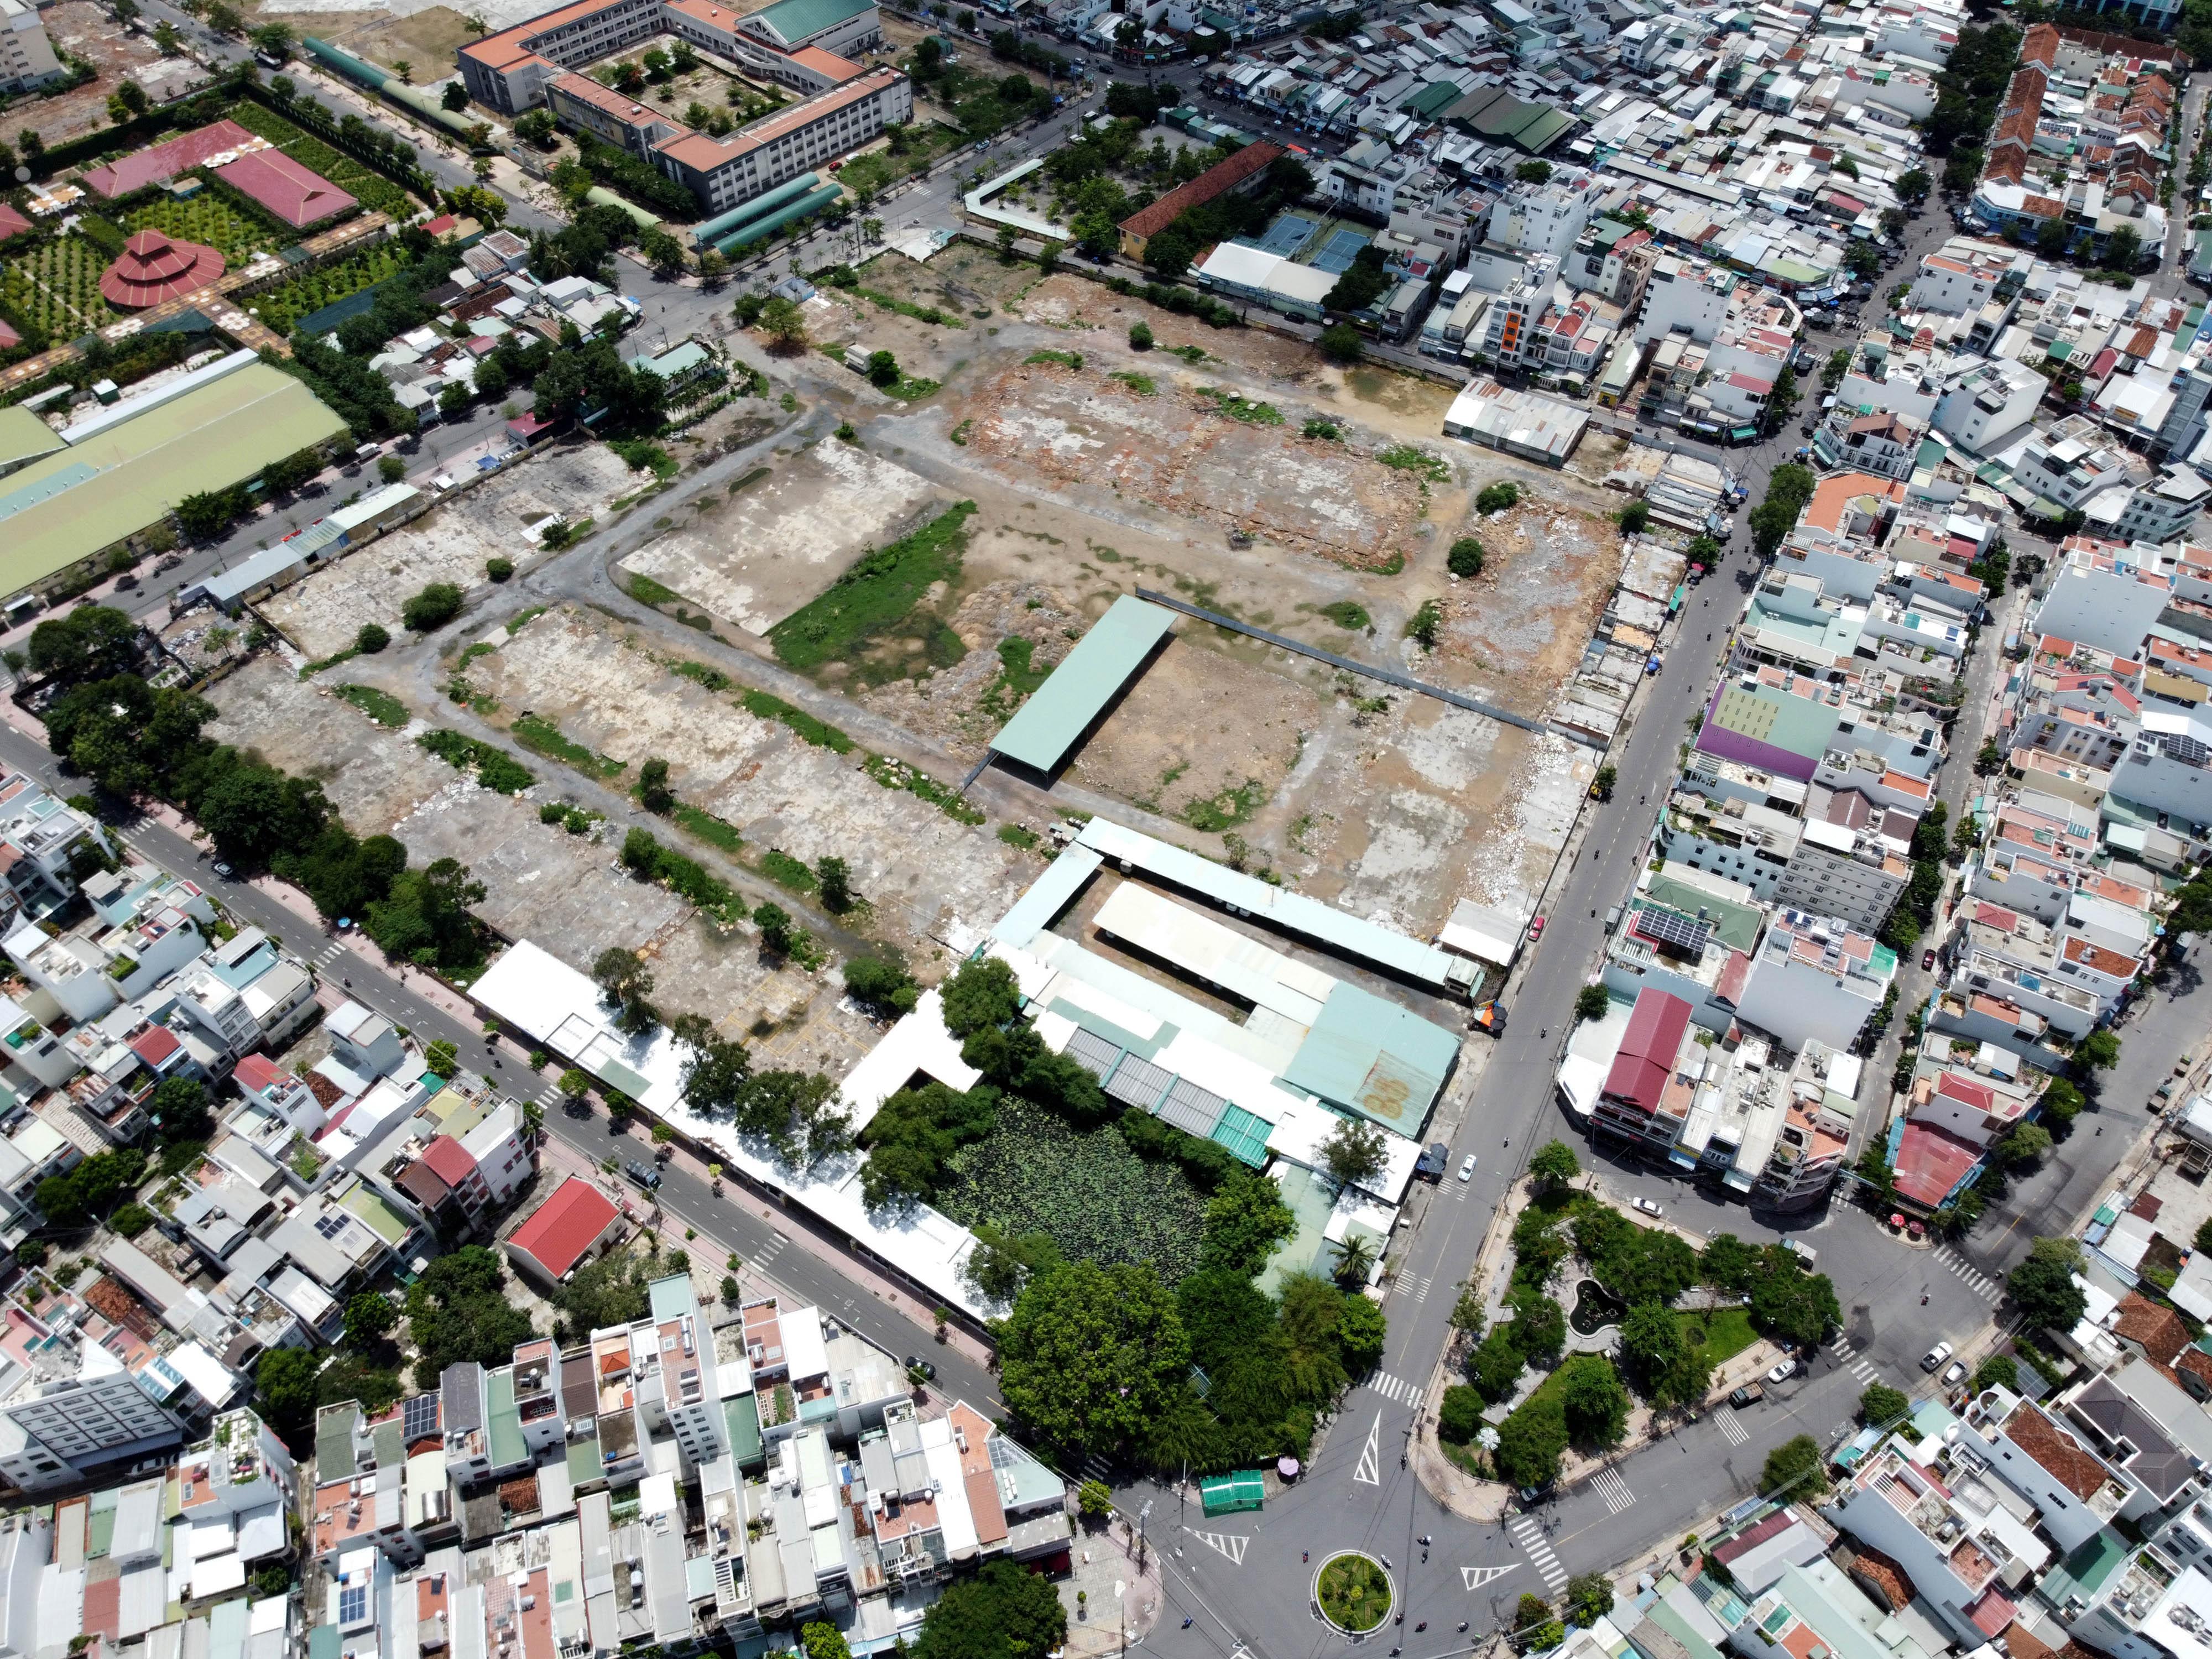 Khánh Hòa: Cận cảnh khu đất kho cảng Bình Tân rộng 6,1ha chuẩn bị đấu giá - Ảnh 2.